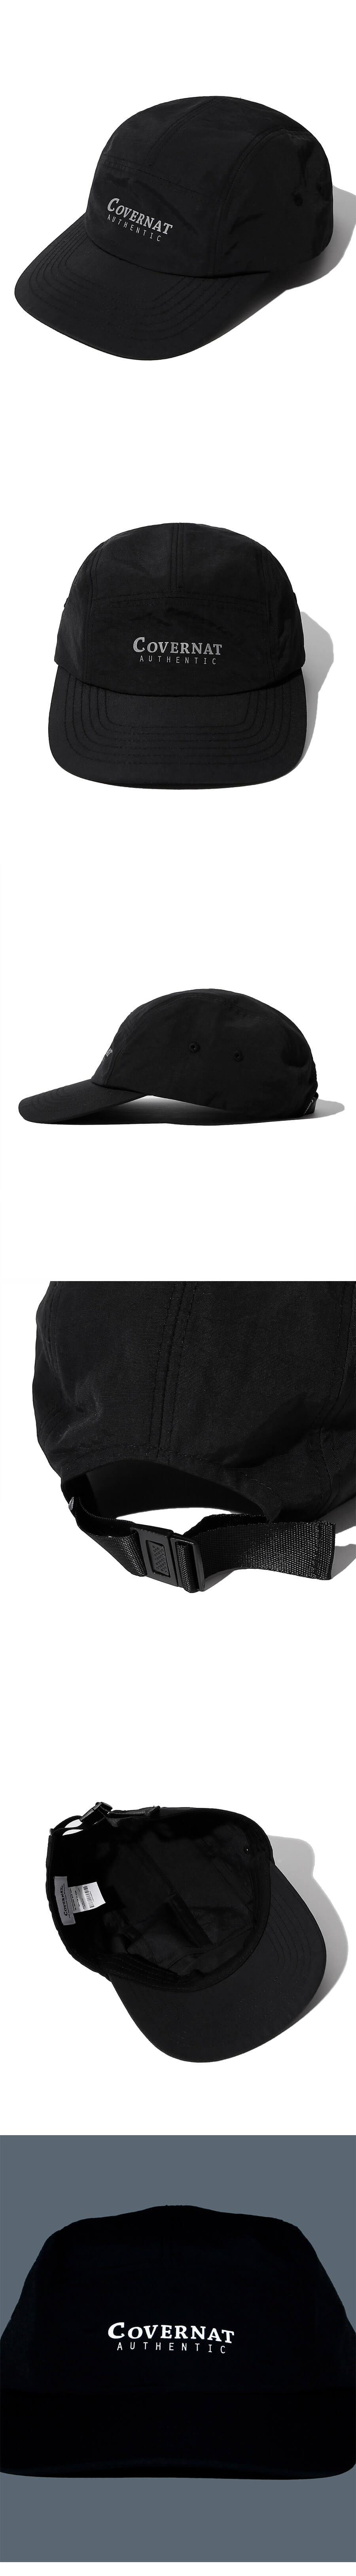 커버낫(COVERNAT) 어센틱 로고 캠프캡 블랙